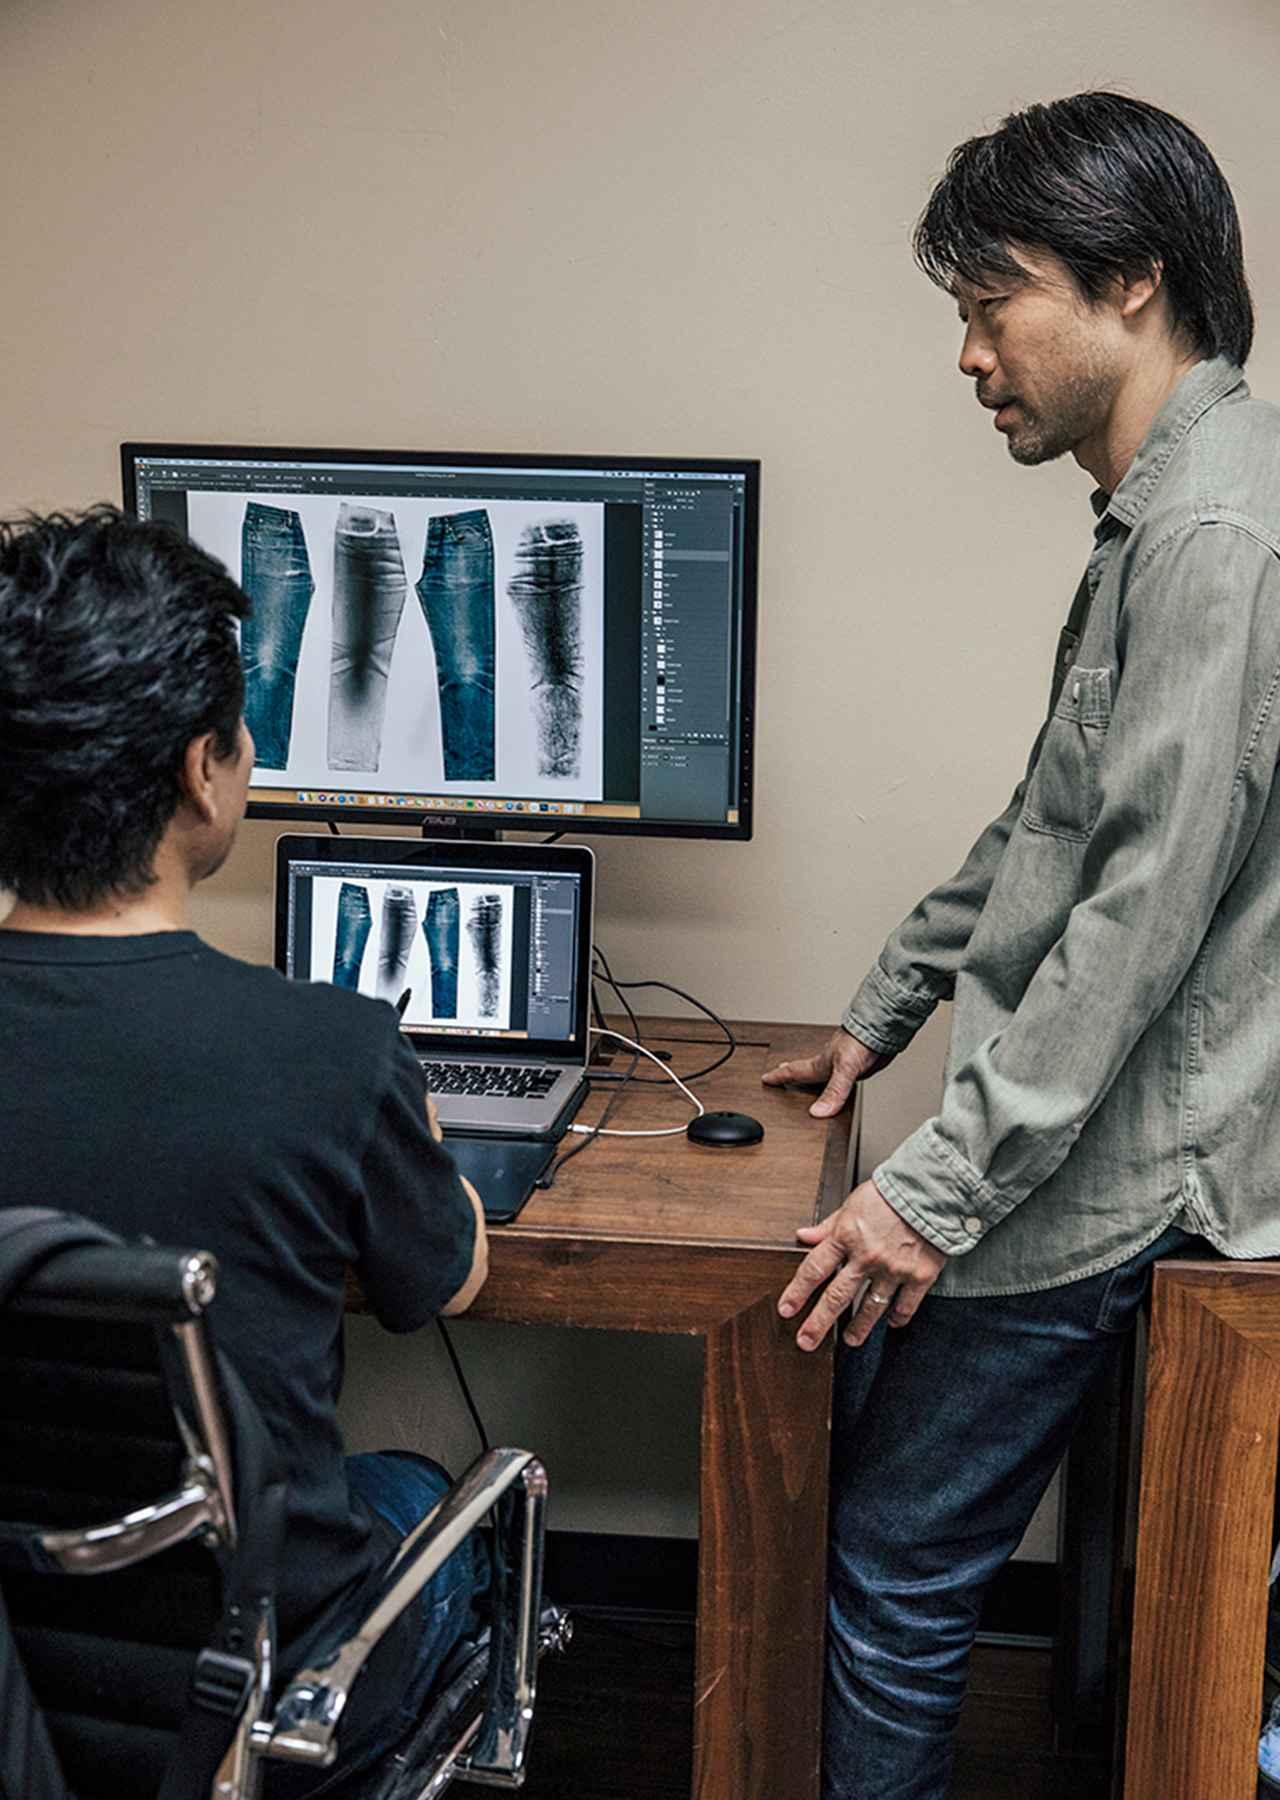 Images : 6番目の画像 - 「ユニクロ 未来のジーンズが生まれるところ」のアルバム - T JAPAN:The New York Times Style Magazine 公式サイト